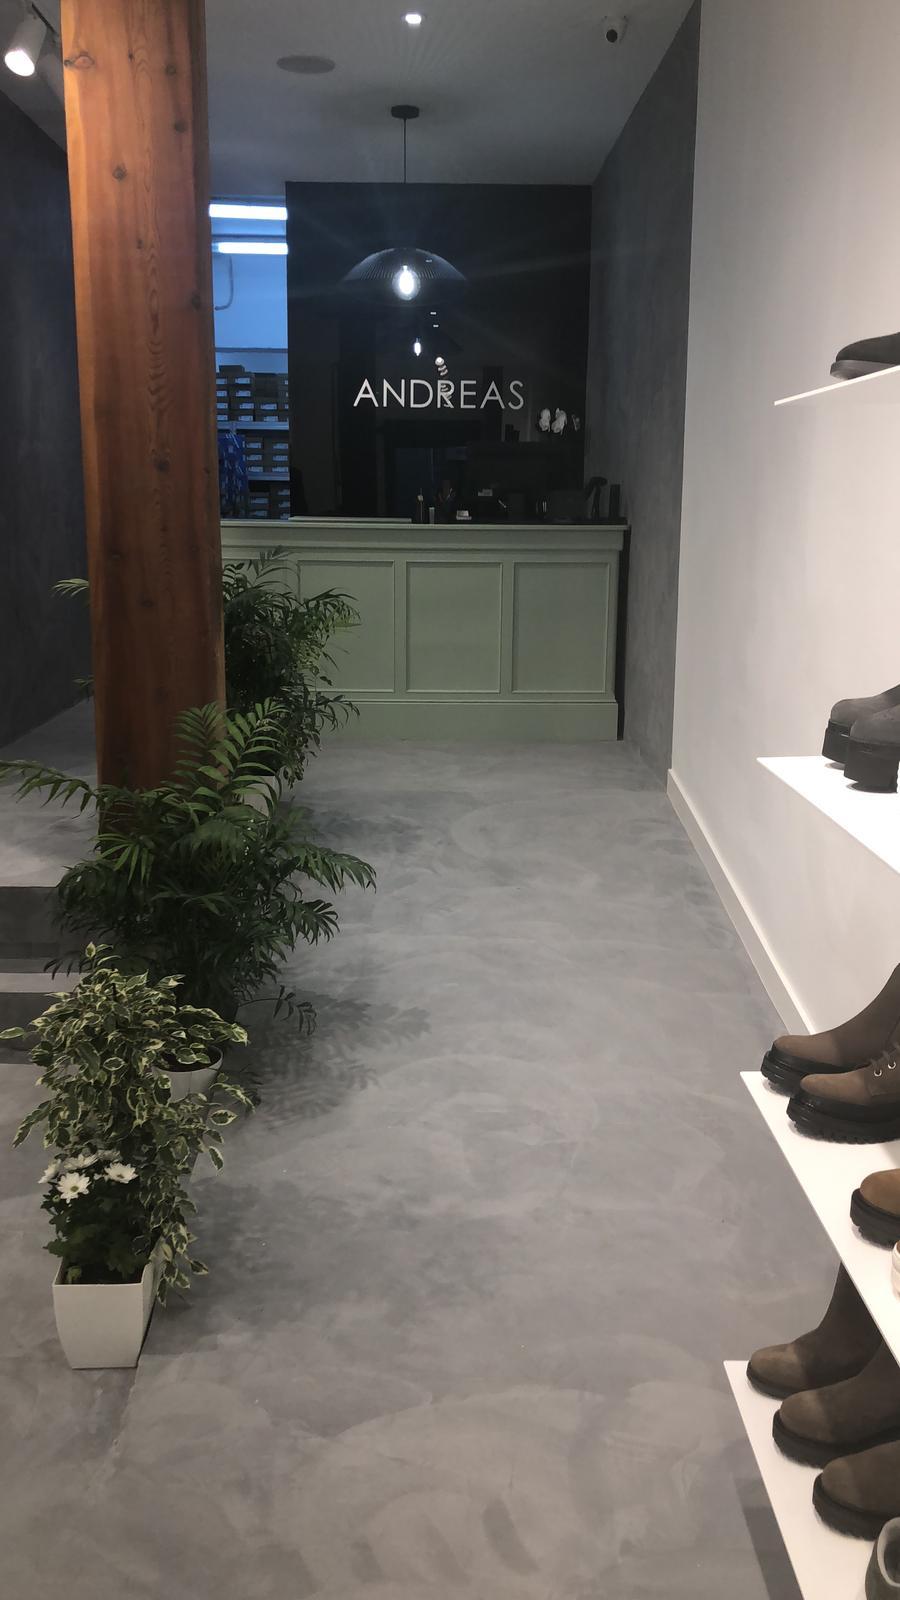 Zapateria Andreas_Calle Fuencarral (11)